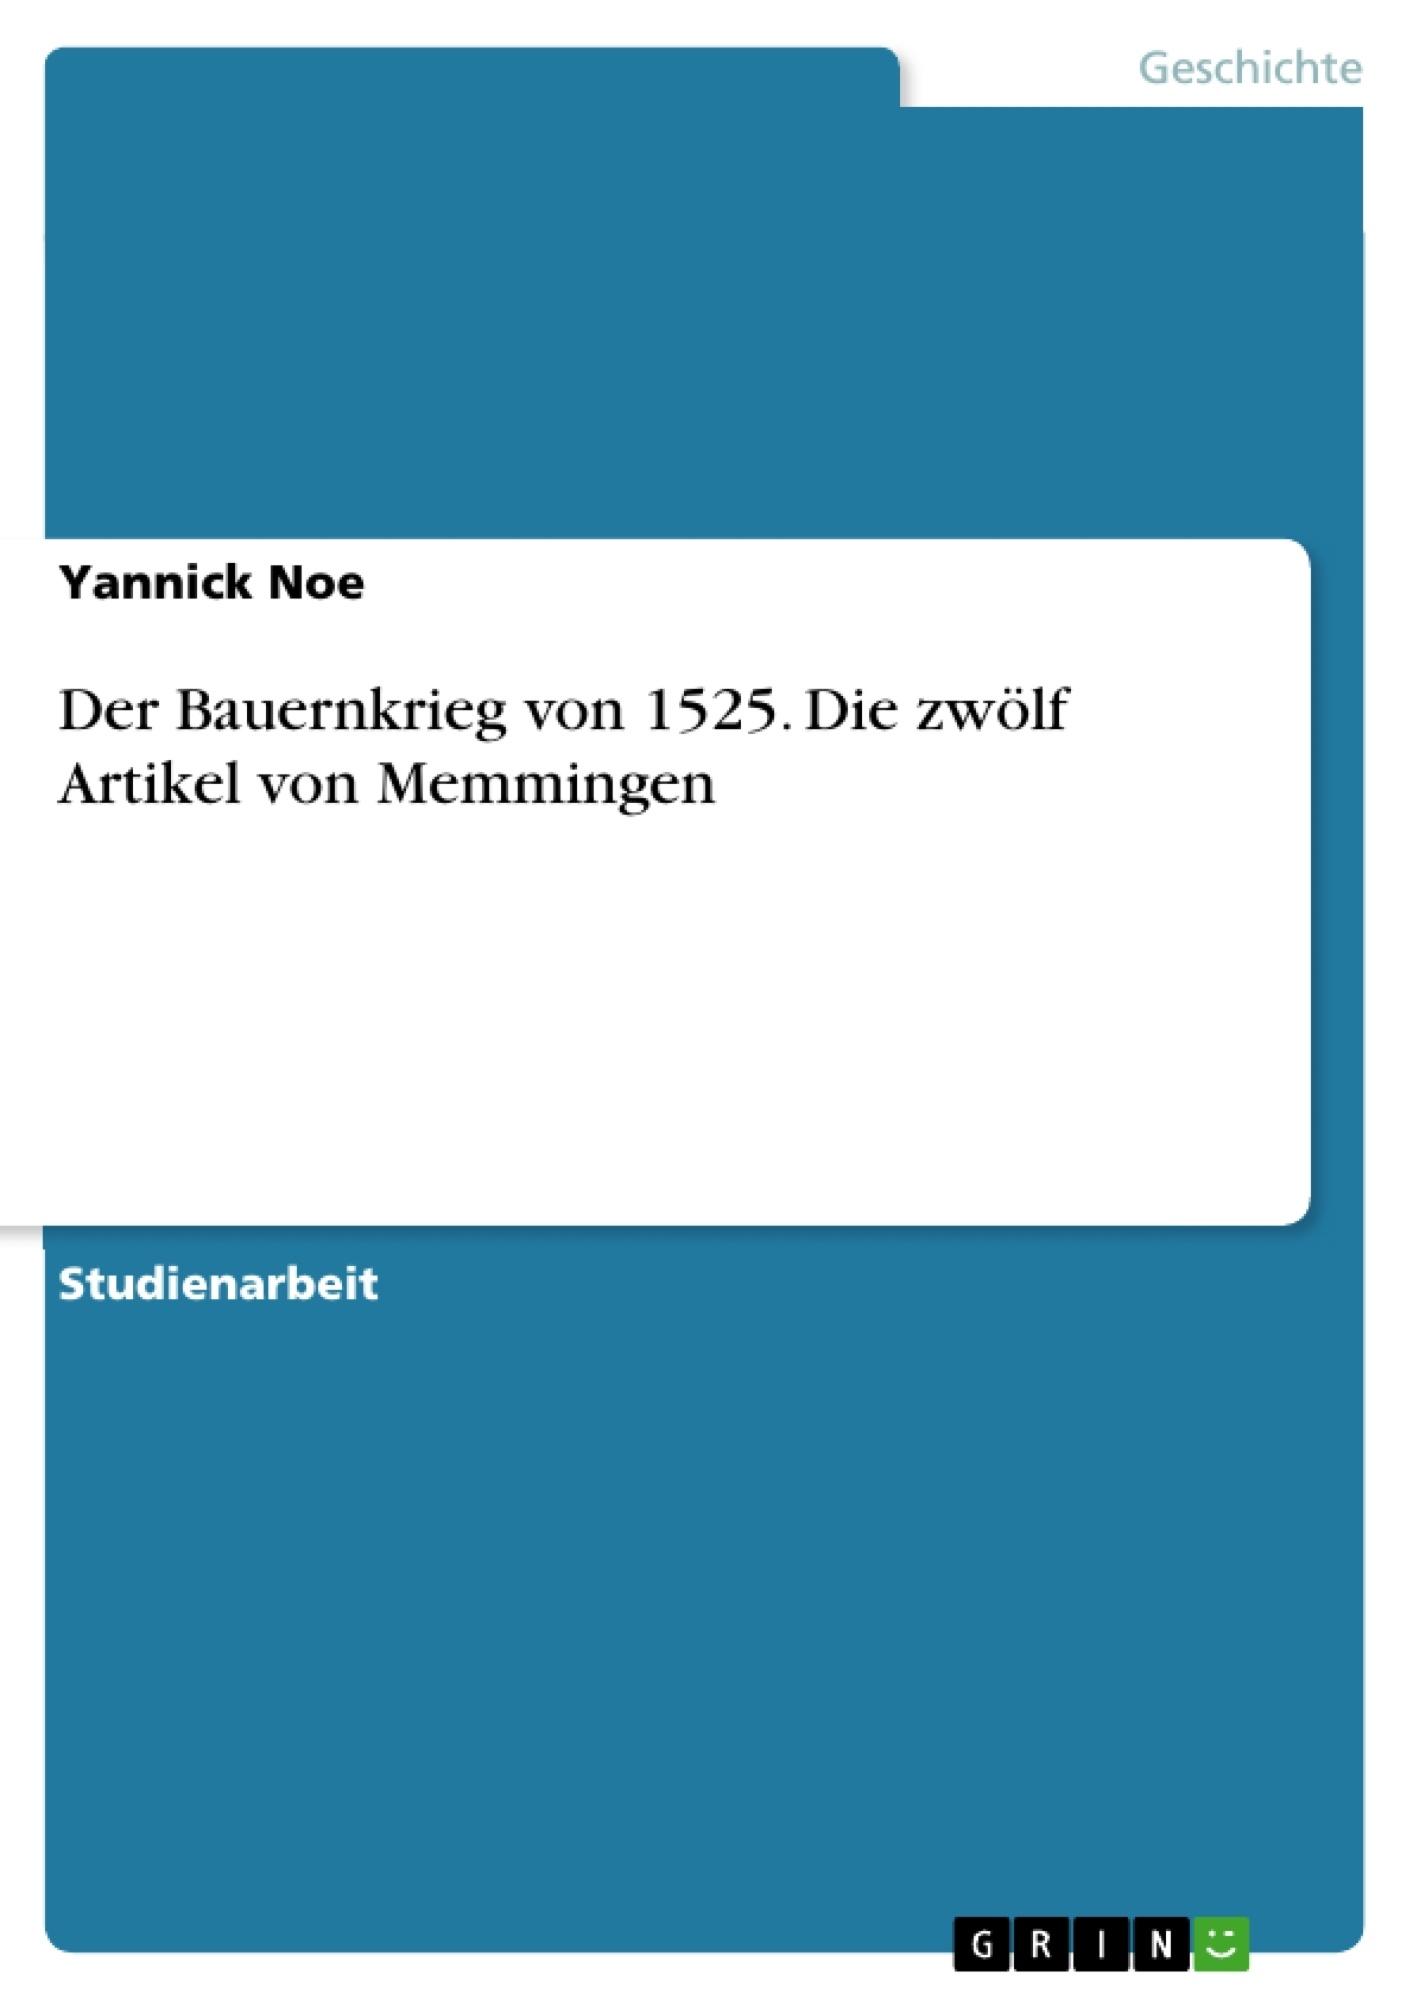 Titel: Der Bauernkrieg von 1525. Die zwölf Artikel von Memmingen